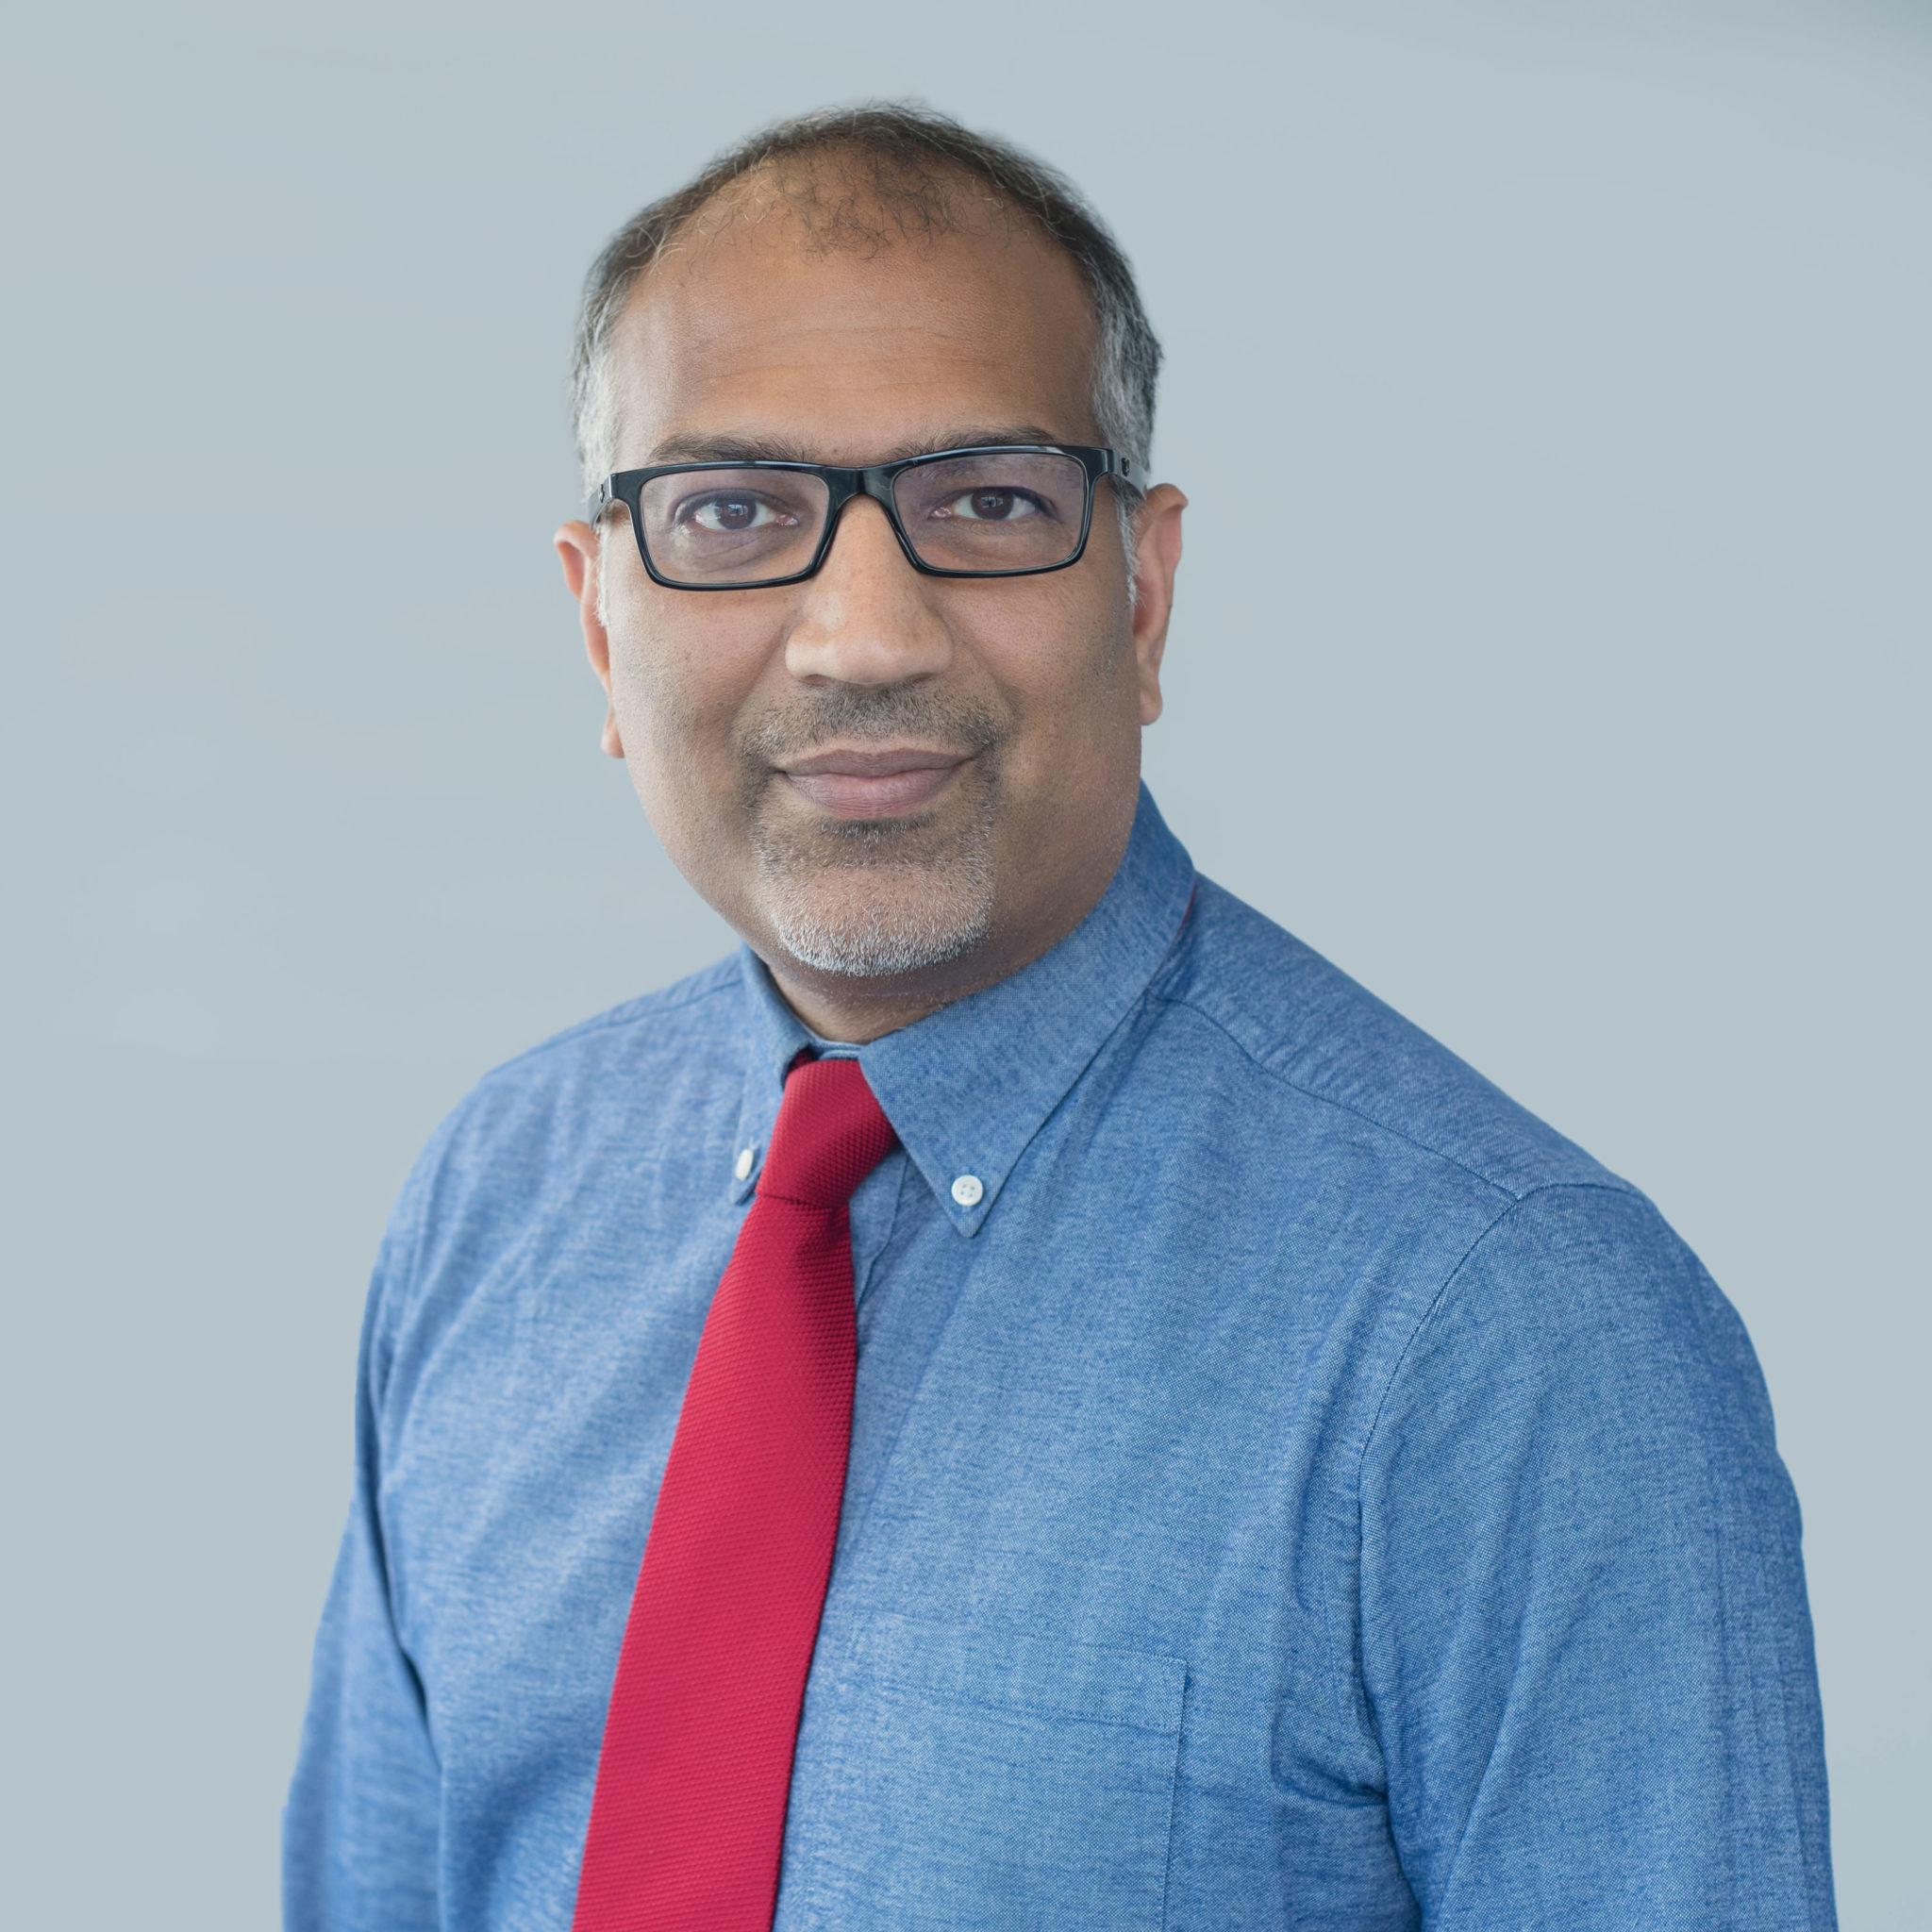 Zahed Amanullah